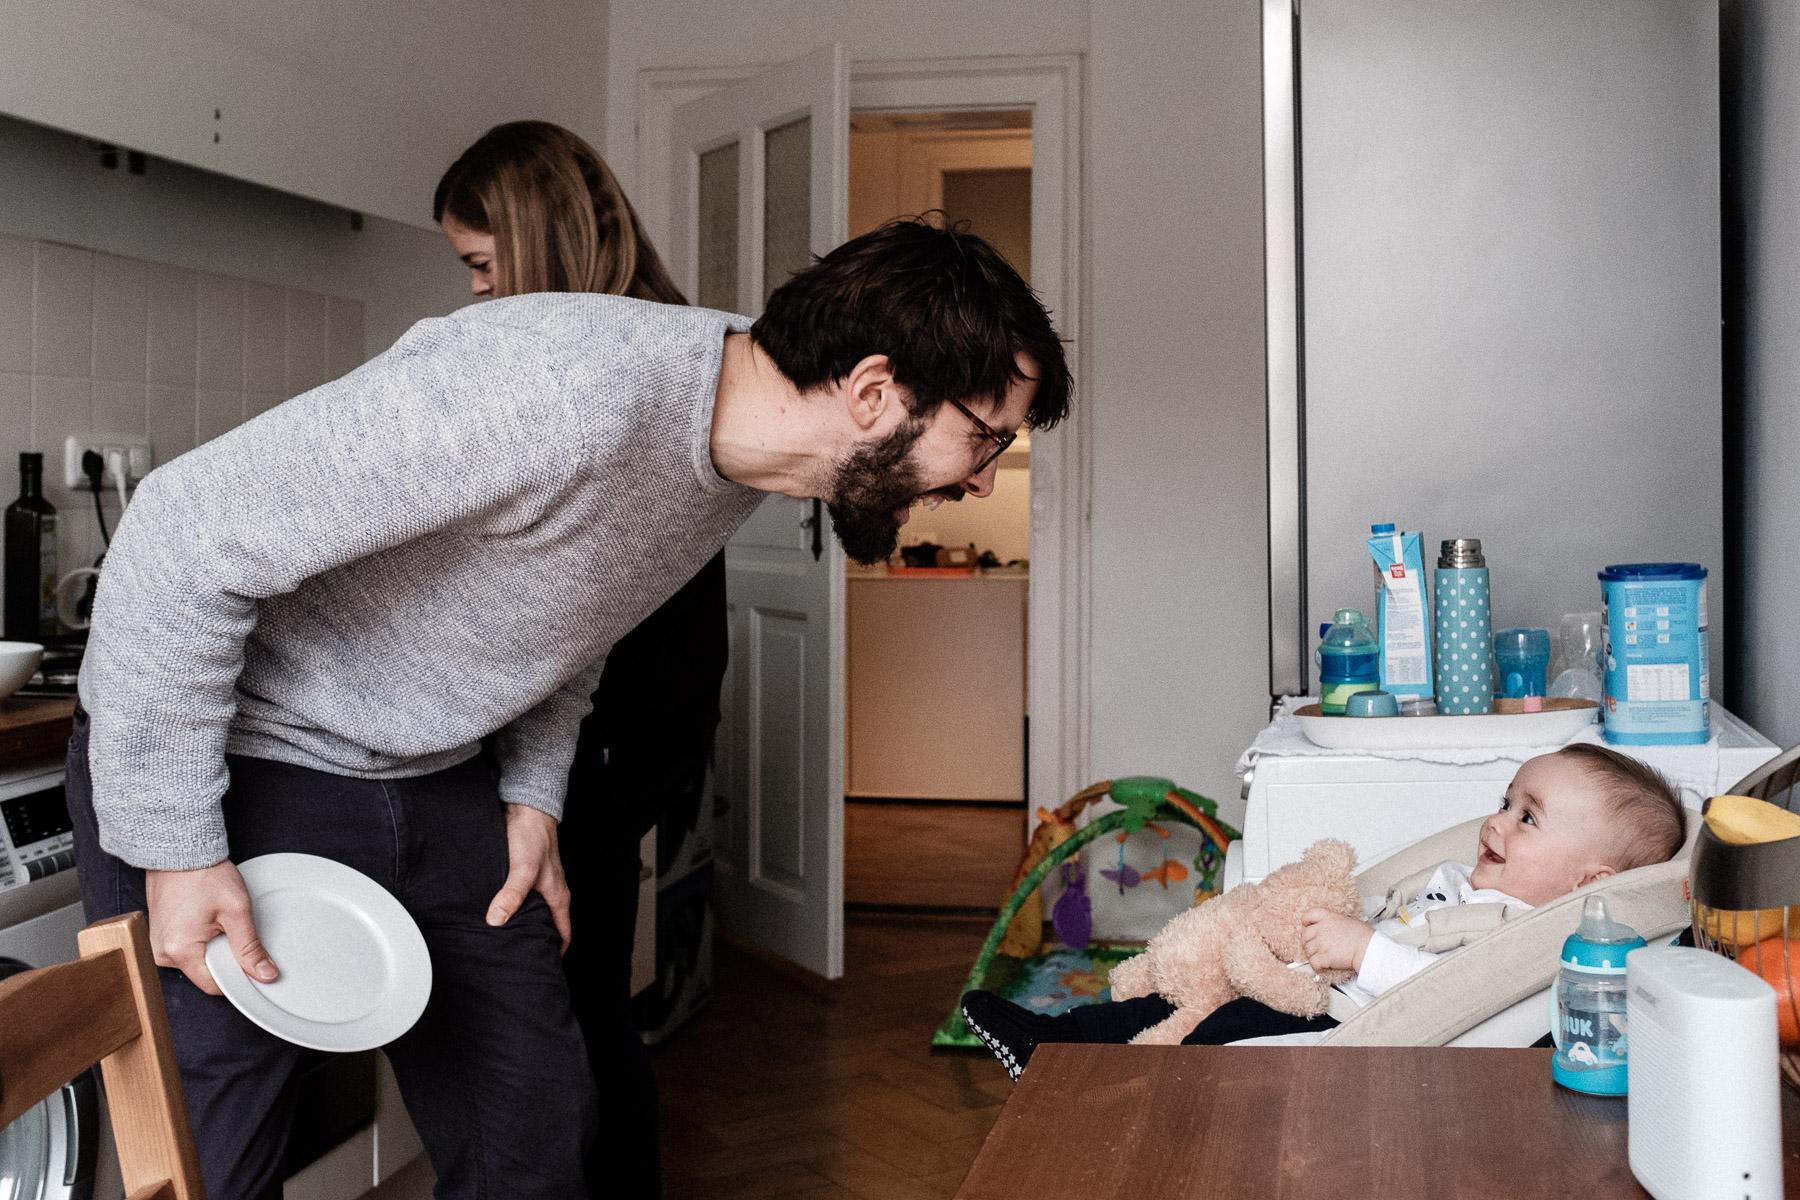 Martin_Liebl_Kein_Familienfotograf_G_Blog_09.jpg